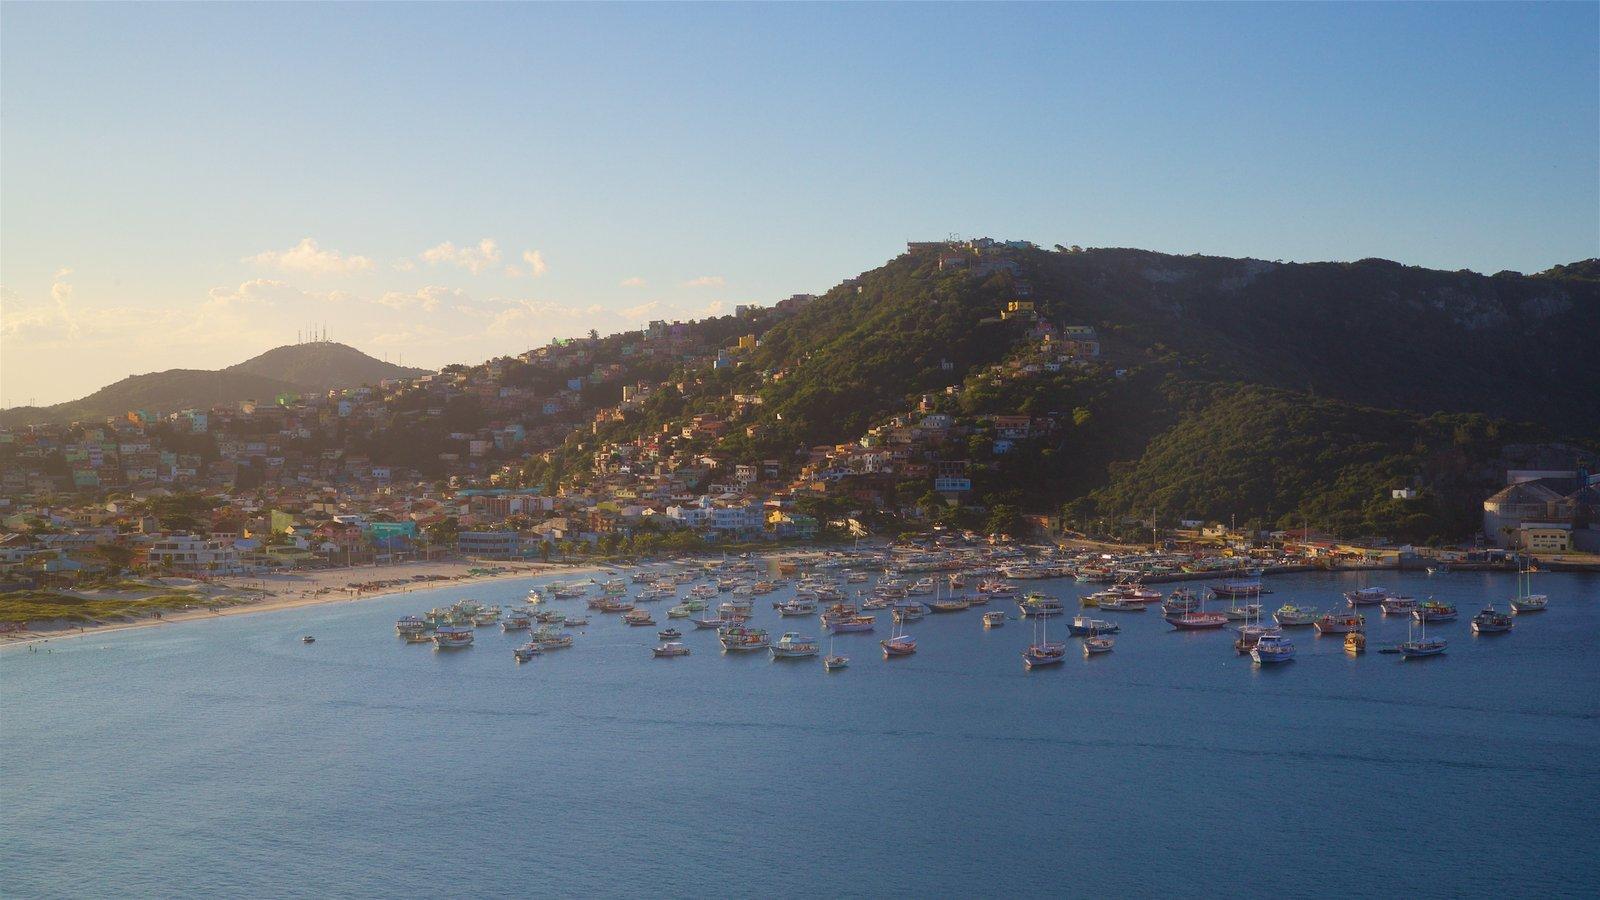 Mirante do Pontal do Atalaia caracterizando um pôr do sol, uma cidade litorânea e uma baía ou porto